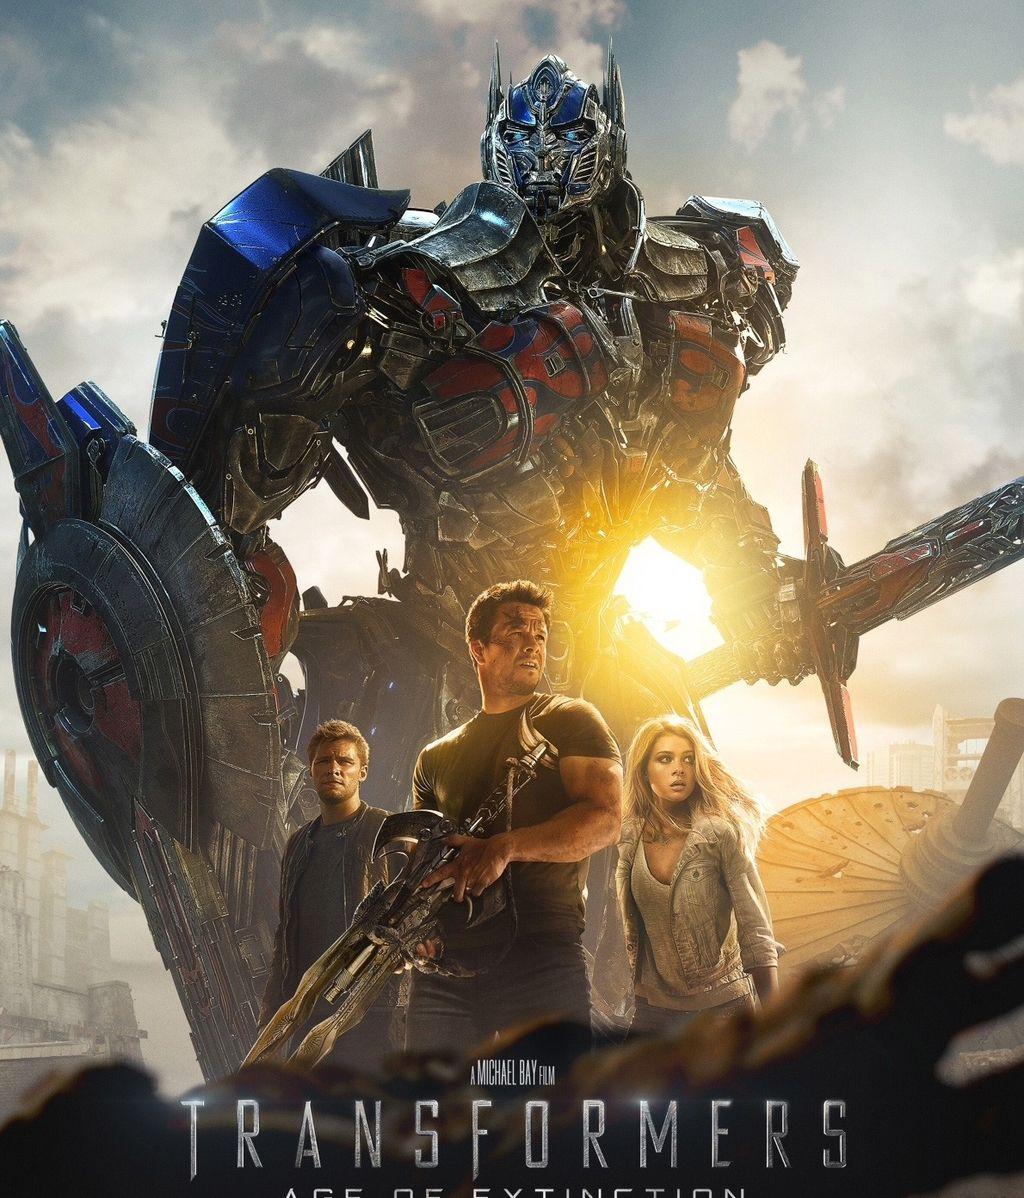 1. Transformers: La era de la extinción